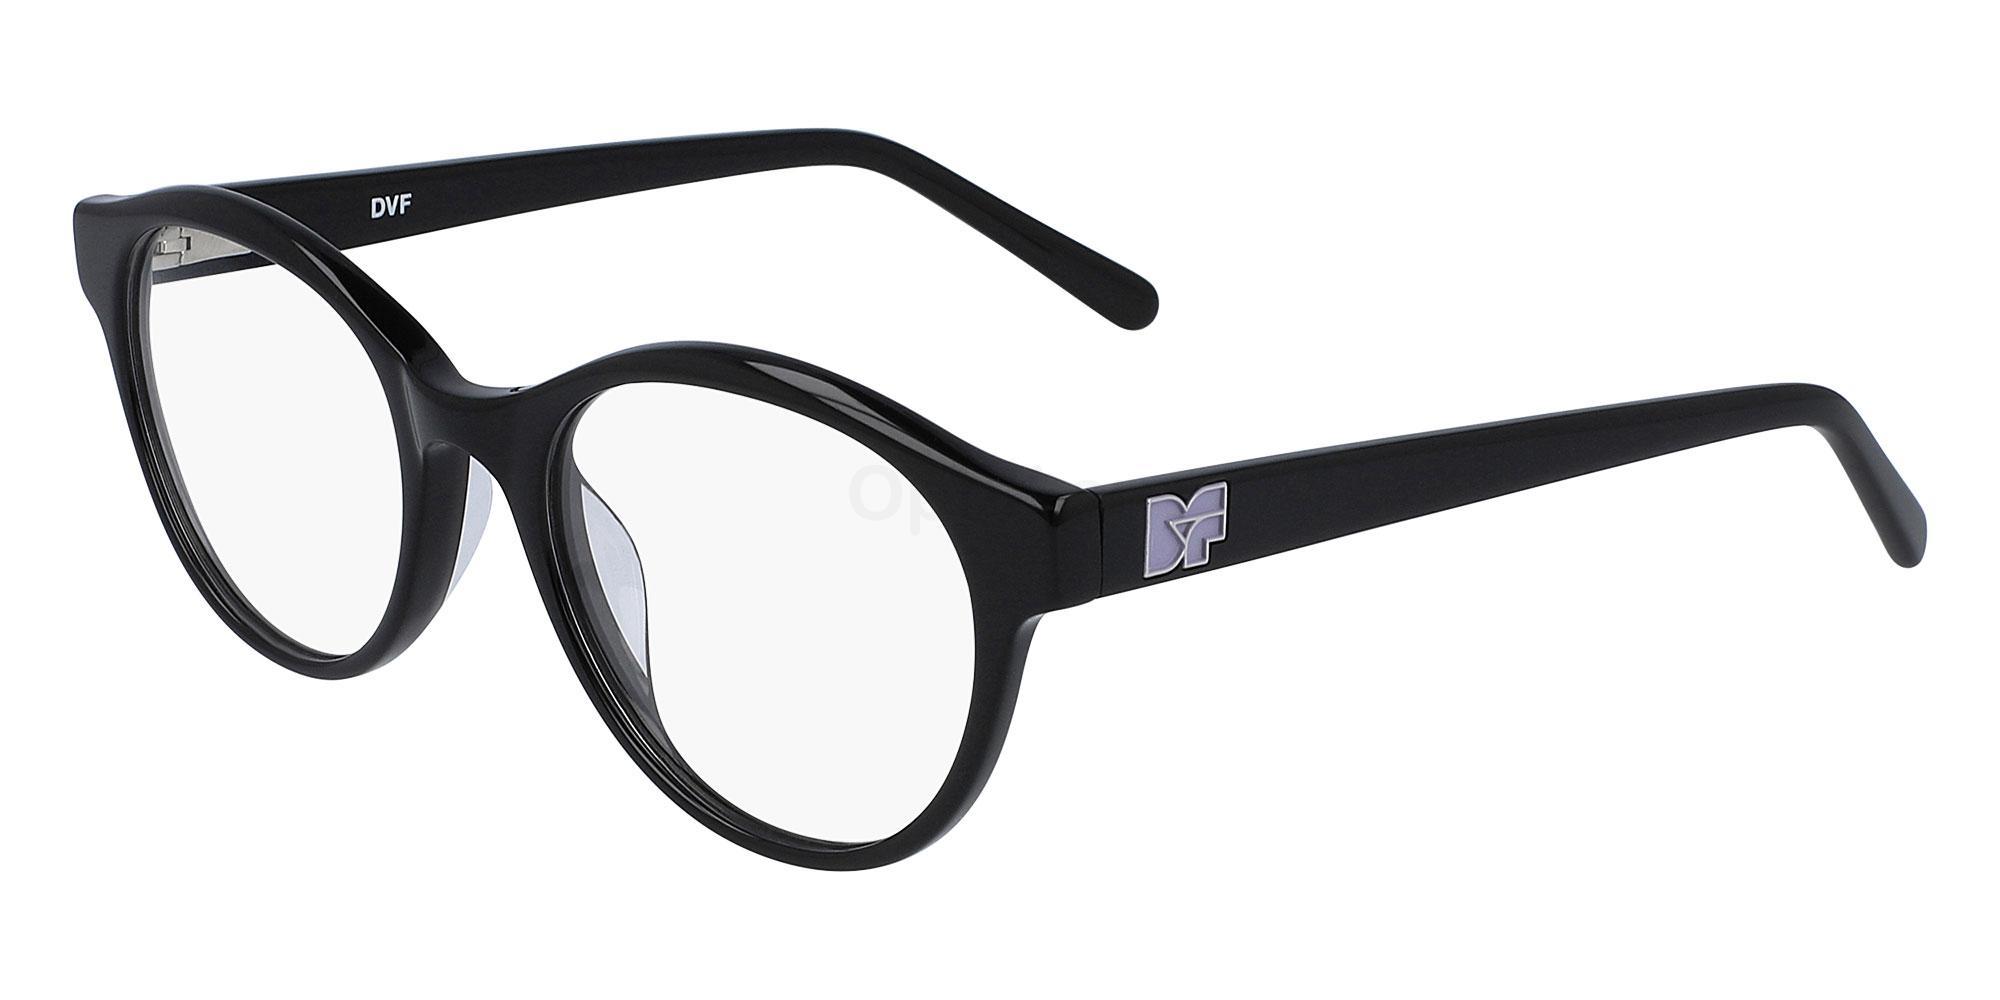 001 DVF5113 Glasses, DVF